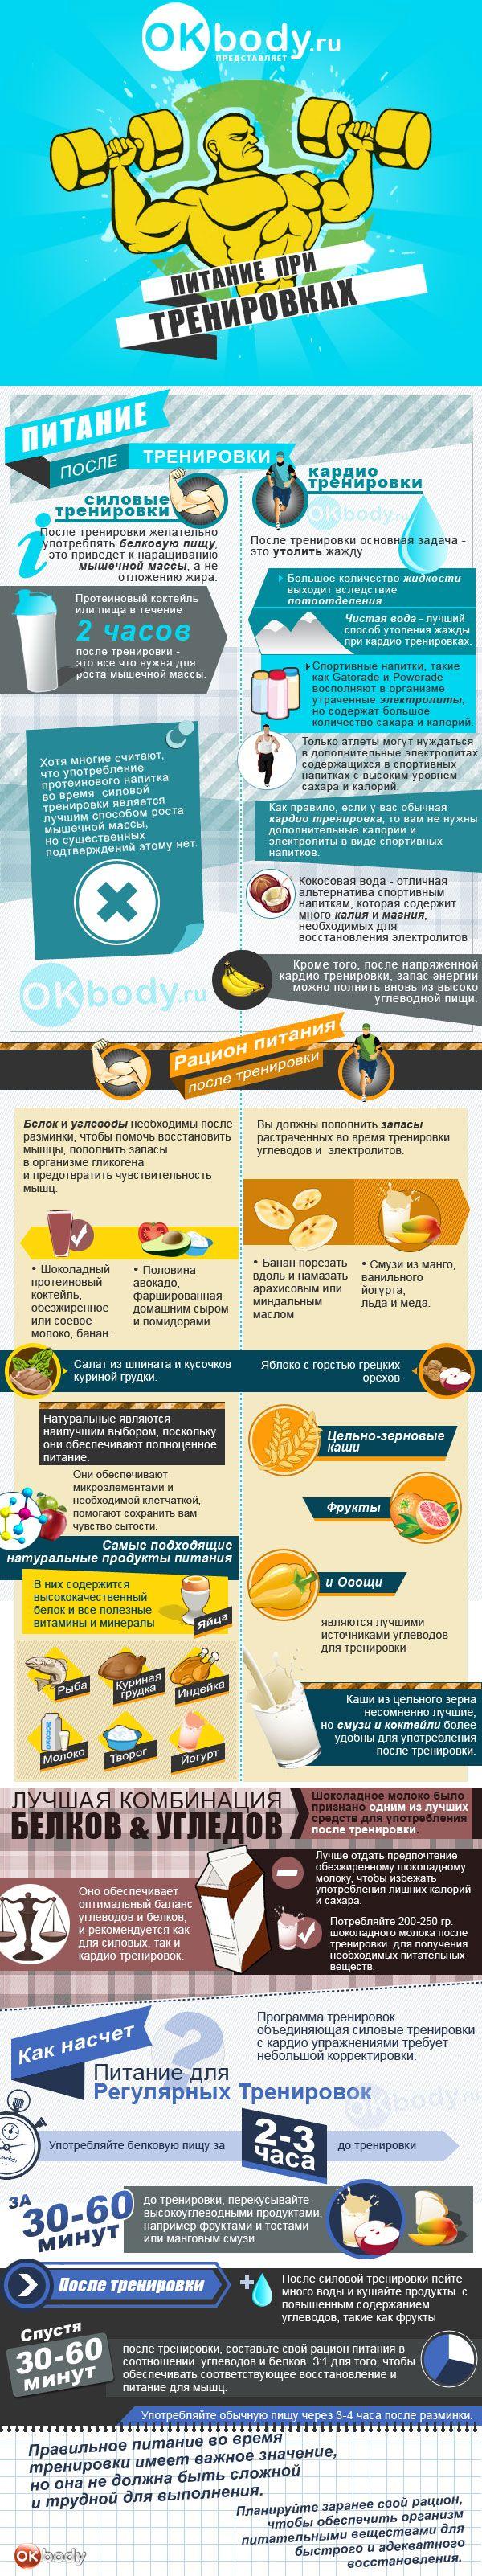 Питание после тренировки - Инфографика